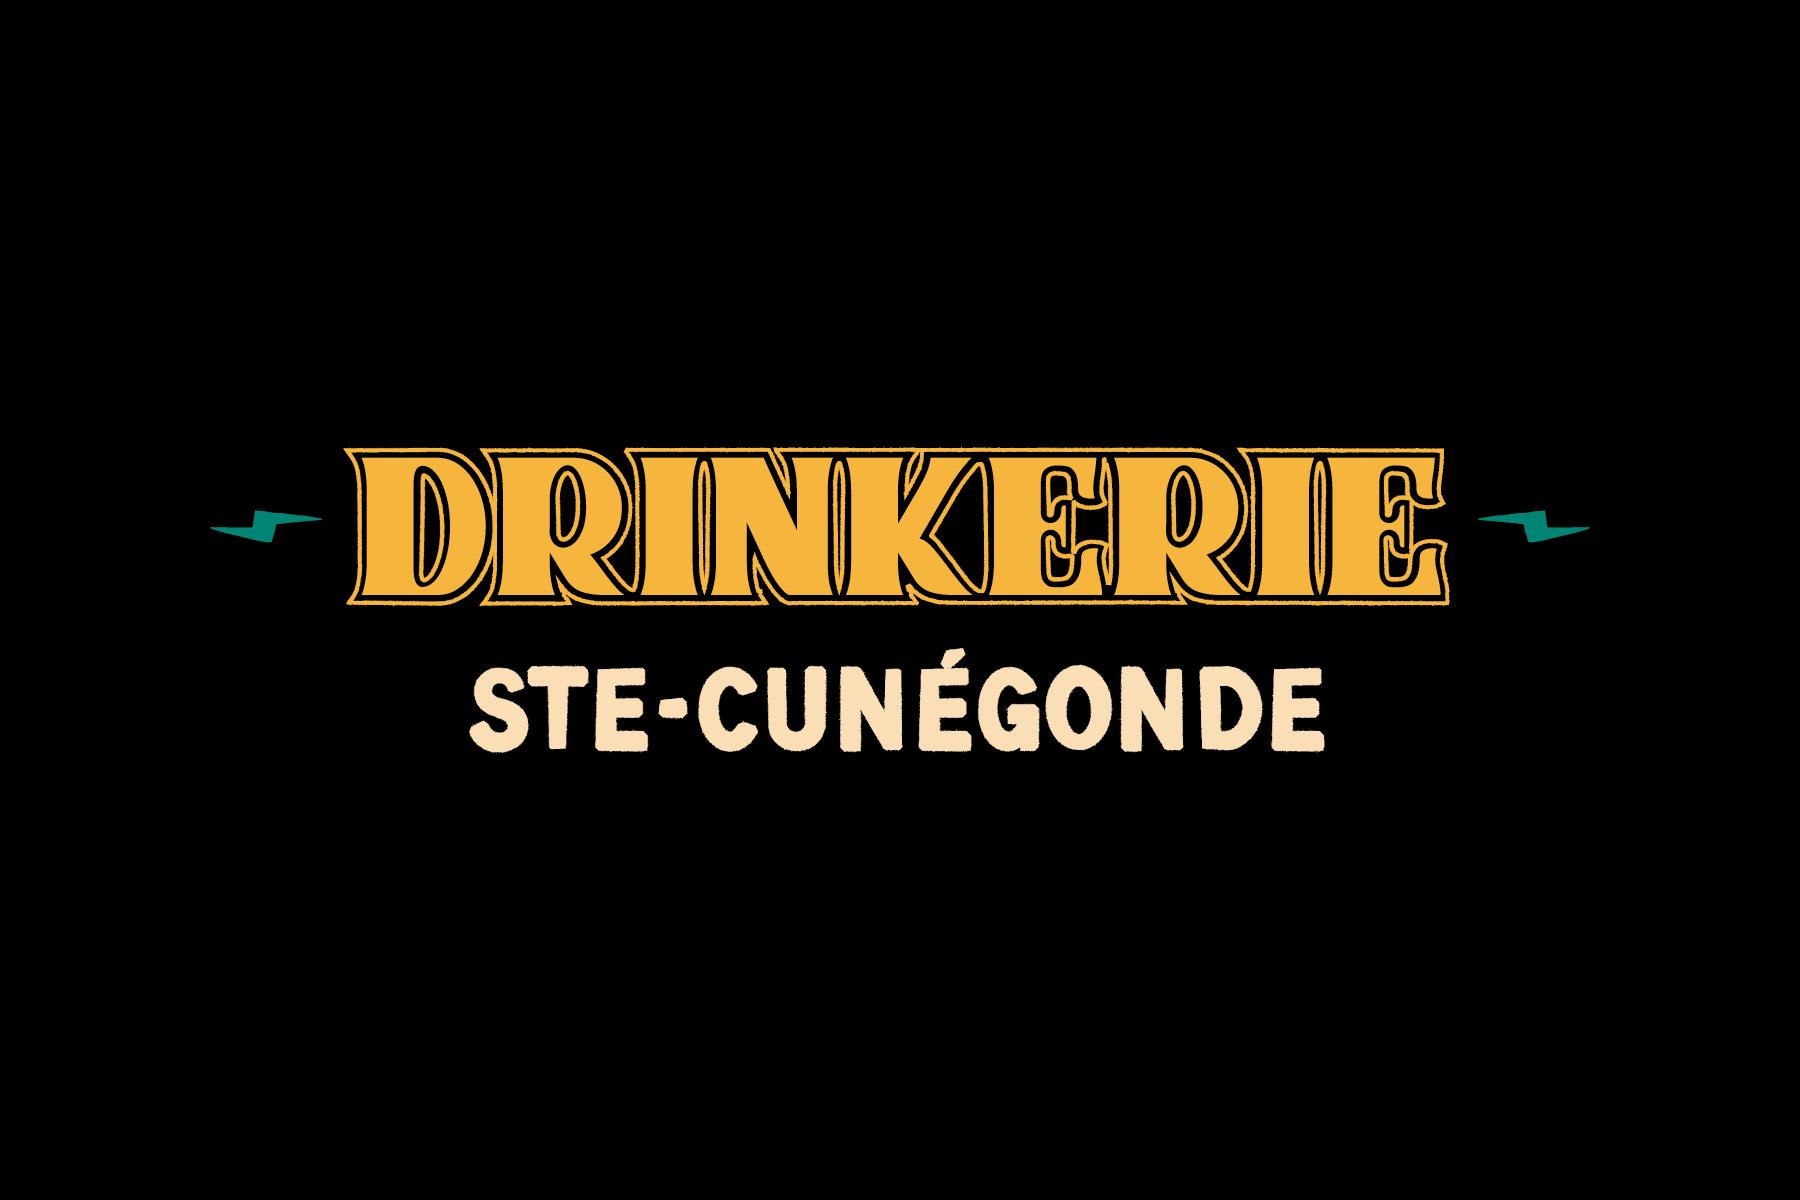 Drinkerie